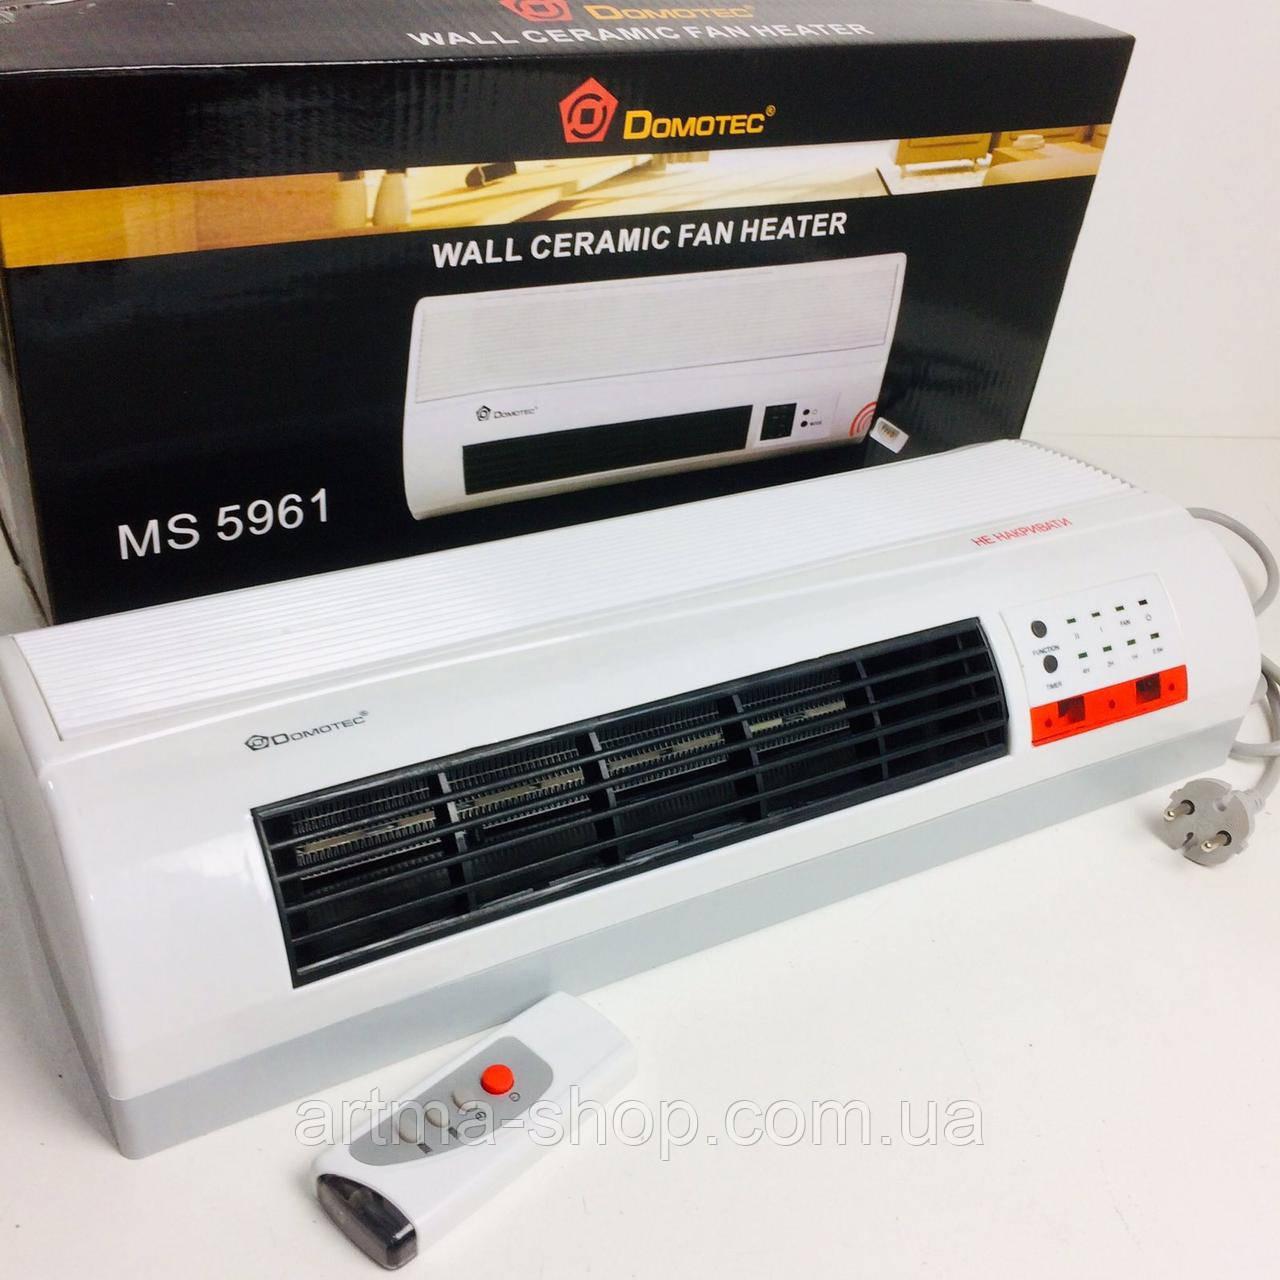 Тепловентилятор настенный Domotec обогреватель, дуйчик, Мощность 2000 Ватт, пульт, 2 режима Белый